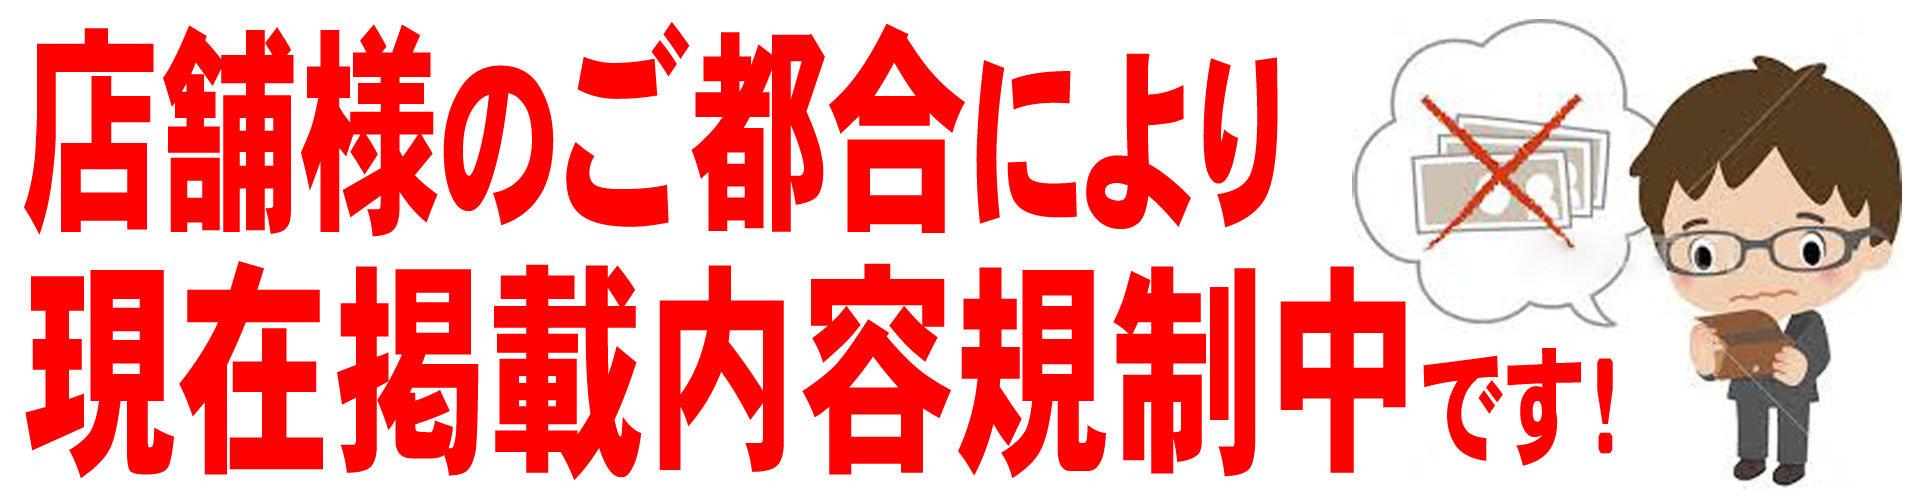 【ティファニー】岡崎/愛知